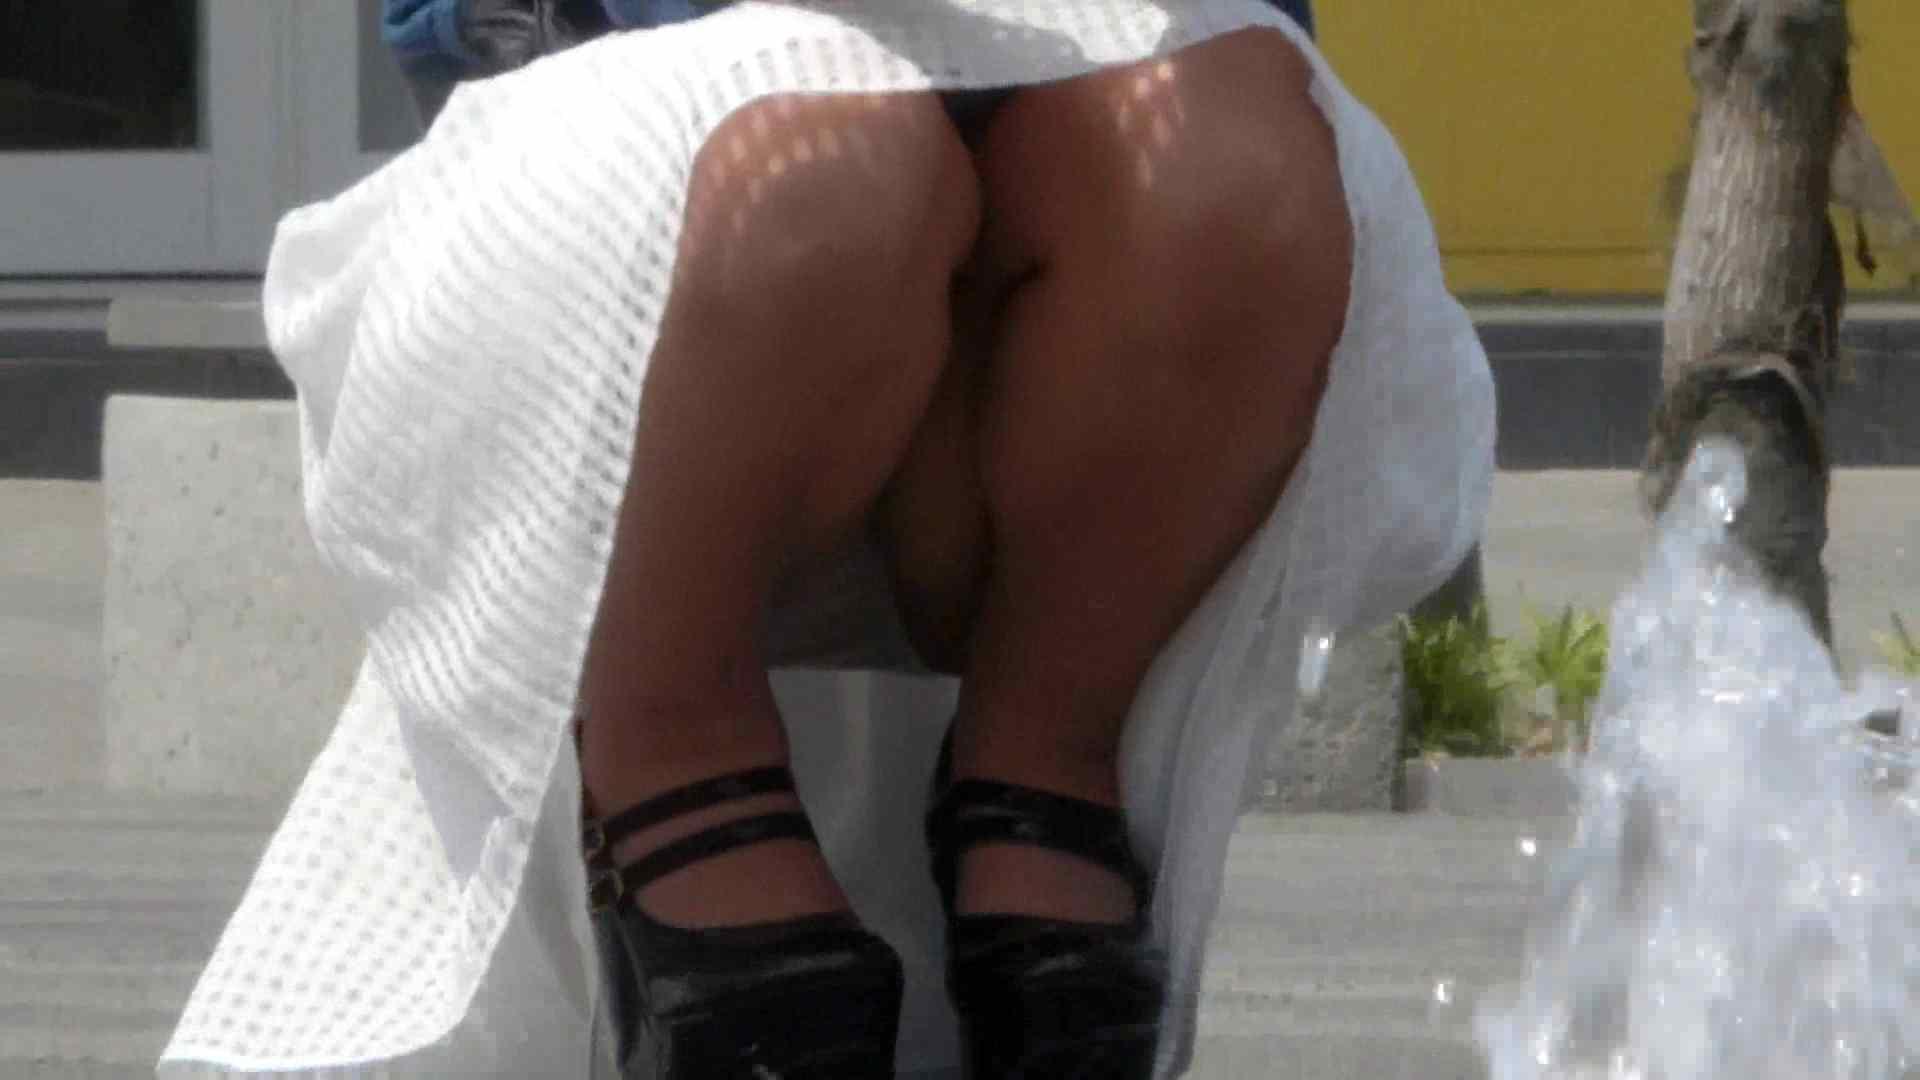 真剣に買い物中のgal達を上から下から狙います。vol.11 フェチ | チラ系  53画像 47